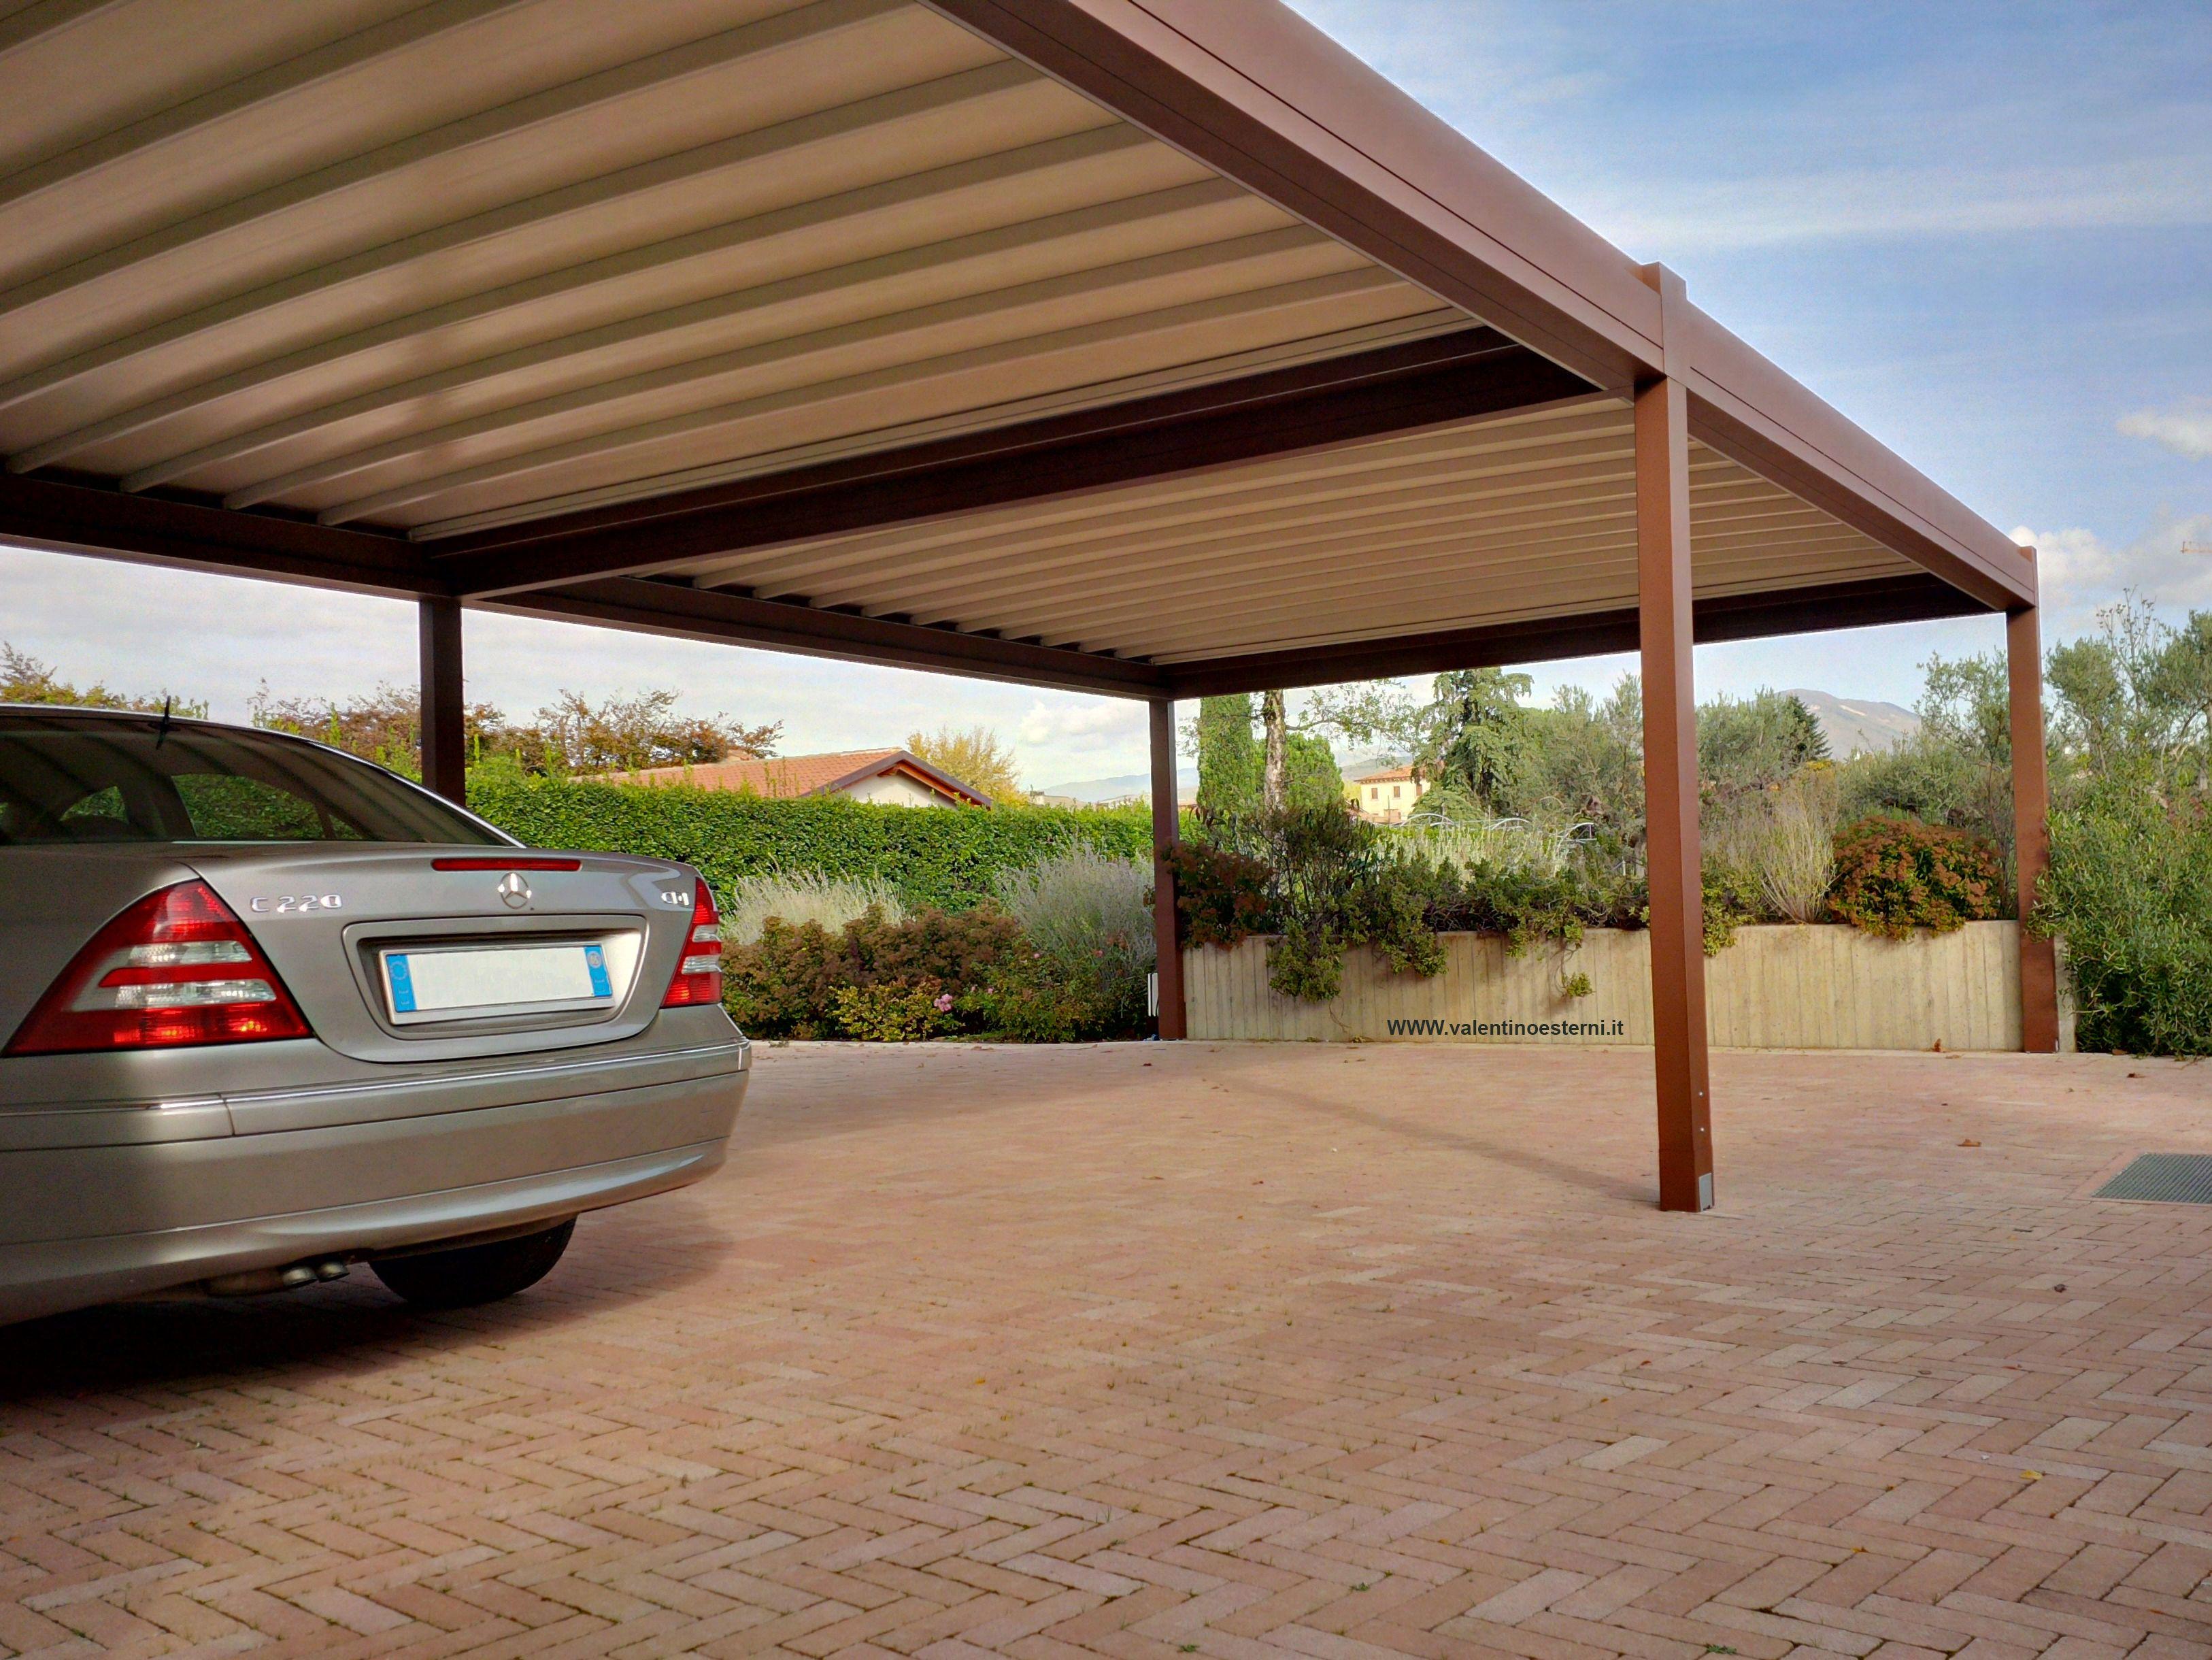 Carport 4 posti auto in alluminio e telo pvc scorrevole